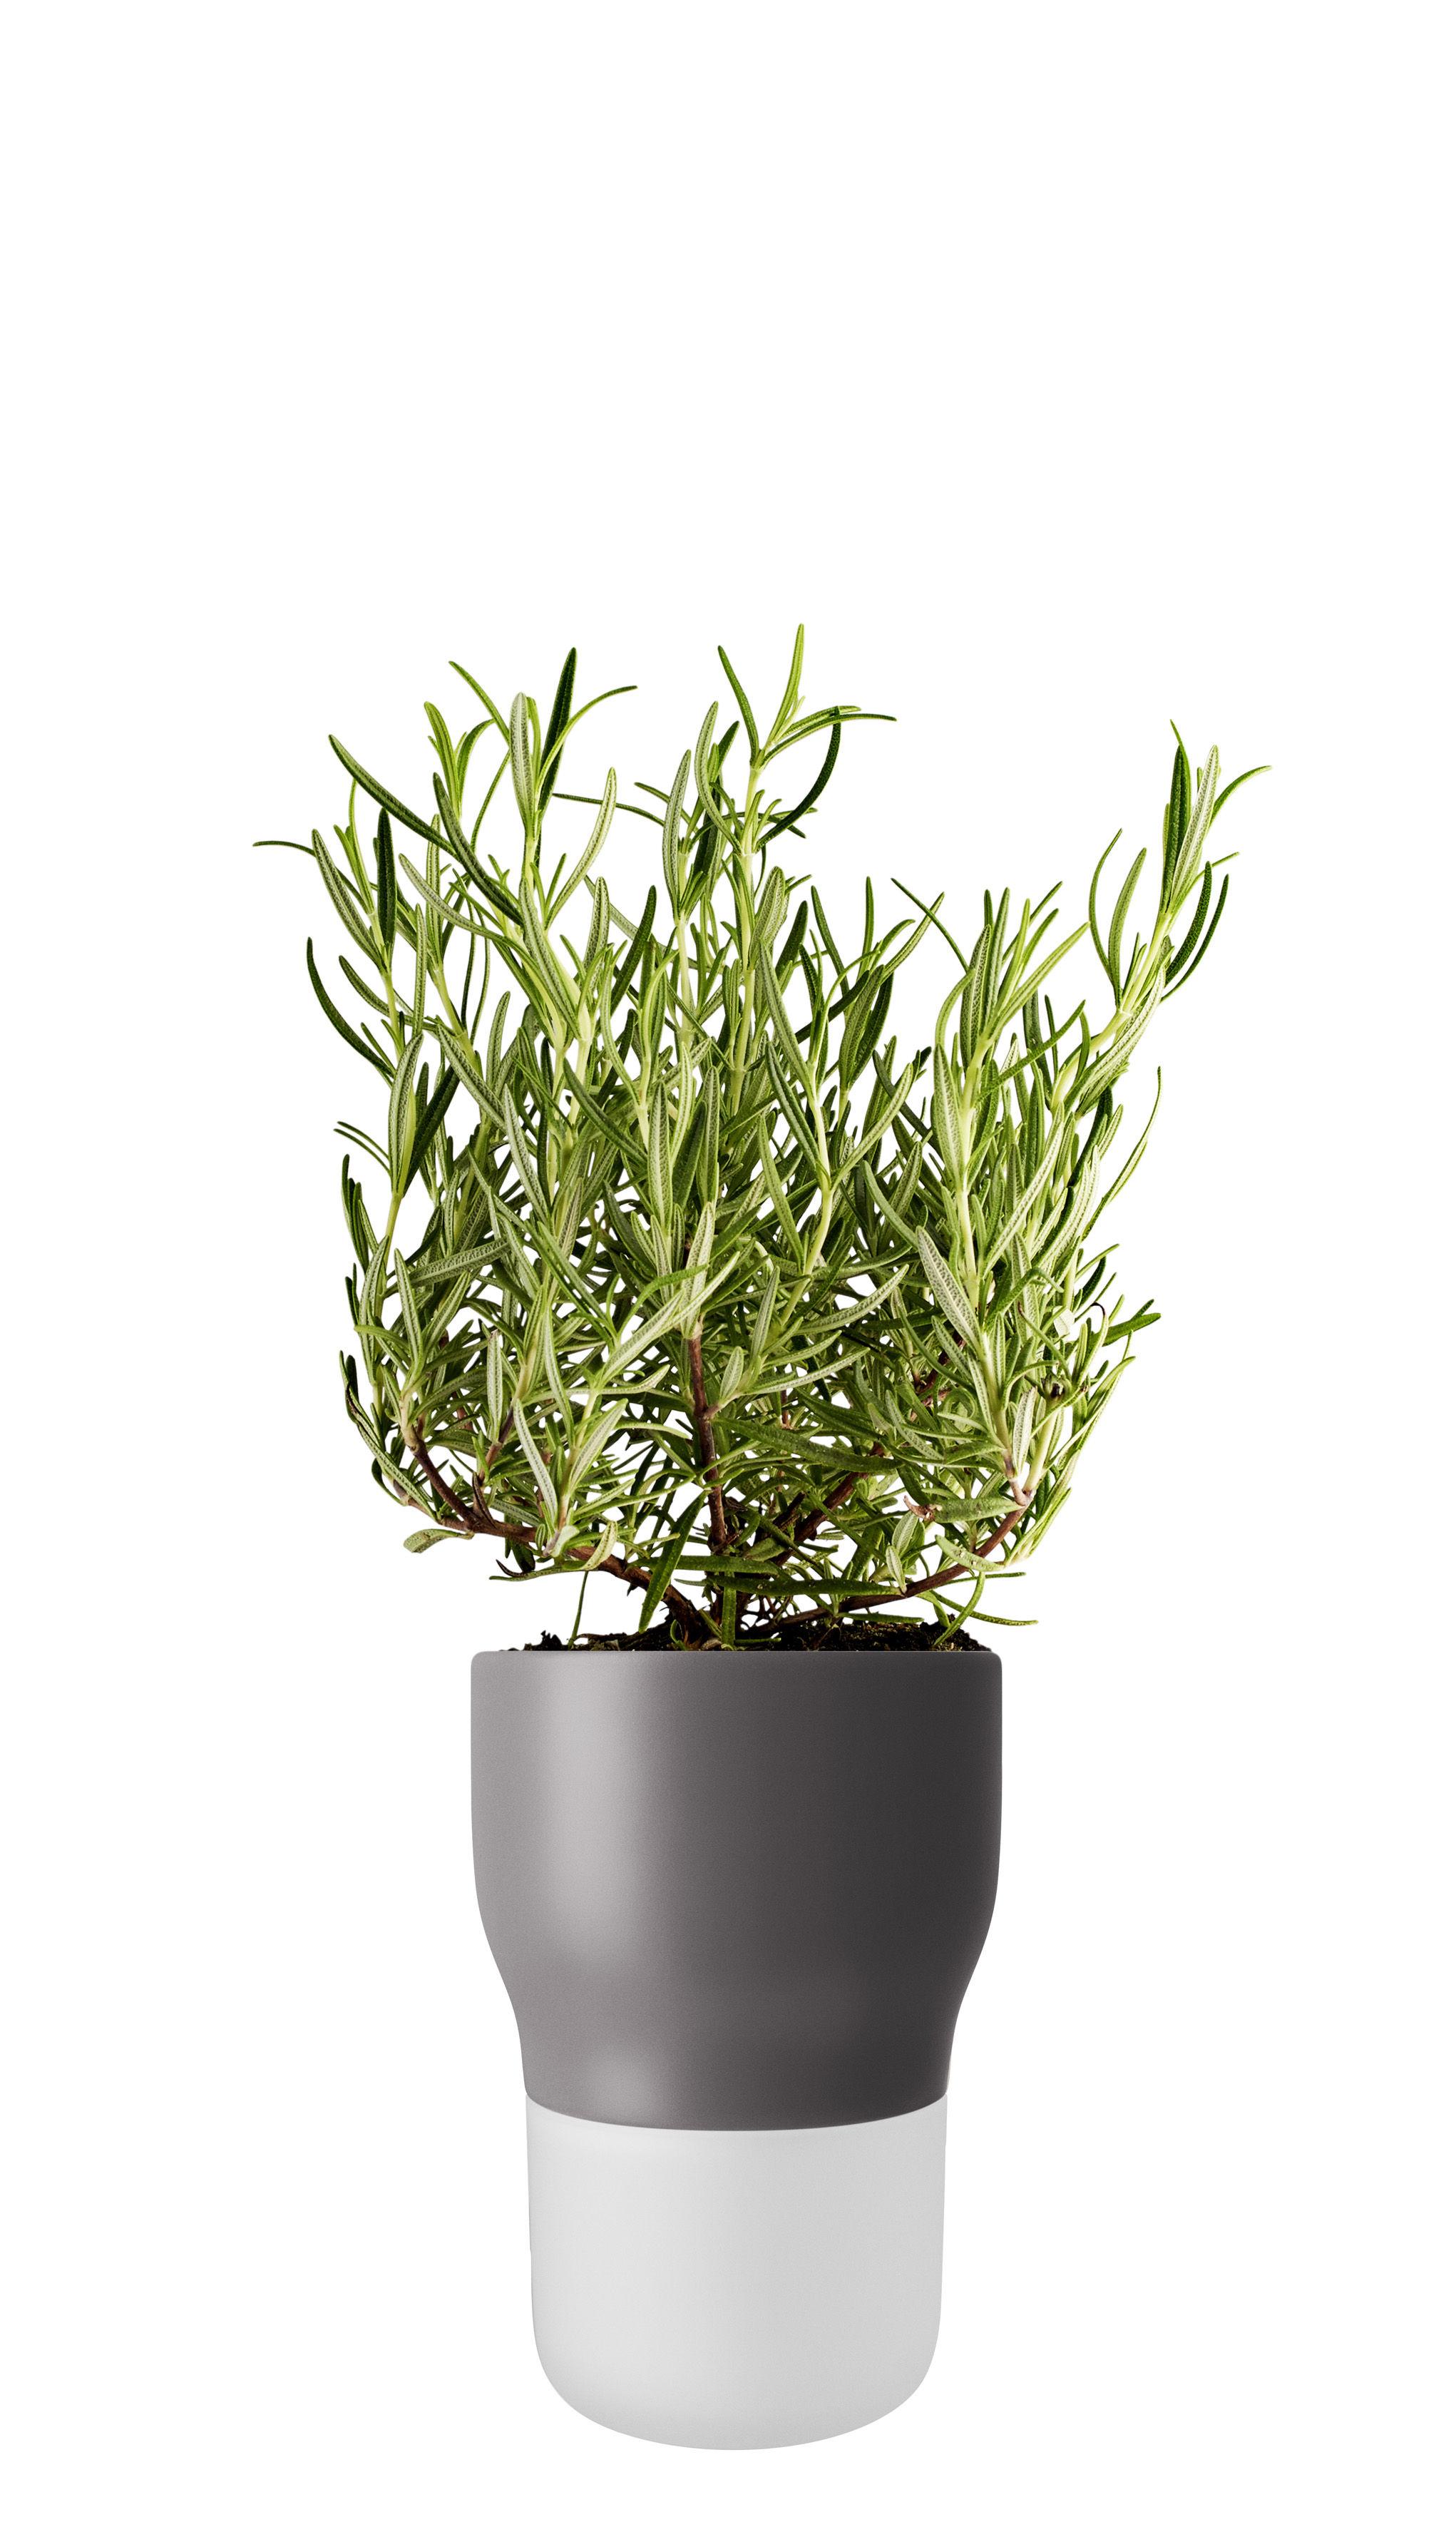 Dekoration - Töpfe und Pflanzen - Blumentopf mit Wasserreservoir / Größe M - Ø 11 cm x H 15 cm - Eva Solo - Nordisch-grau - Keramik, Mattglas, mundgeblasen